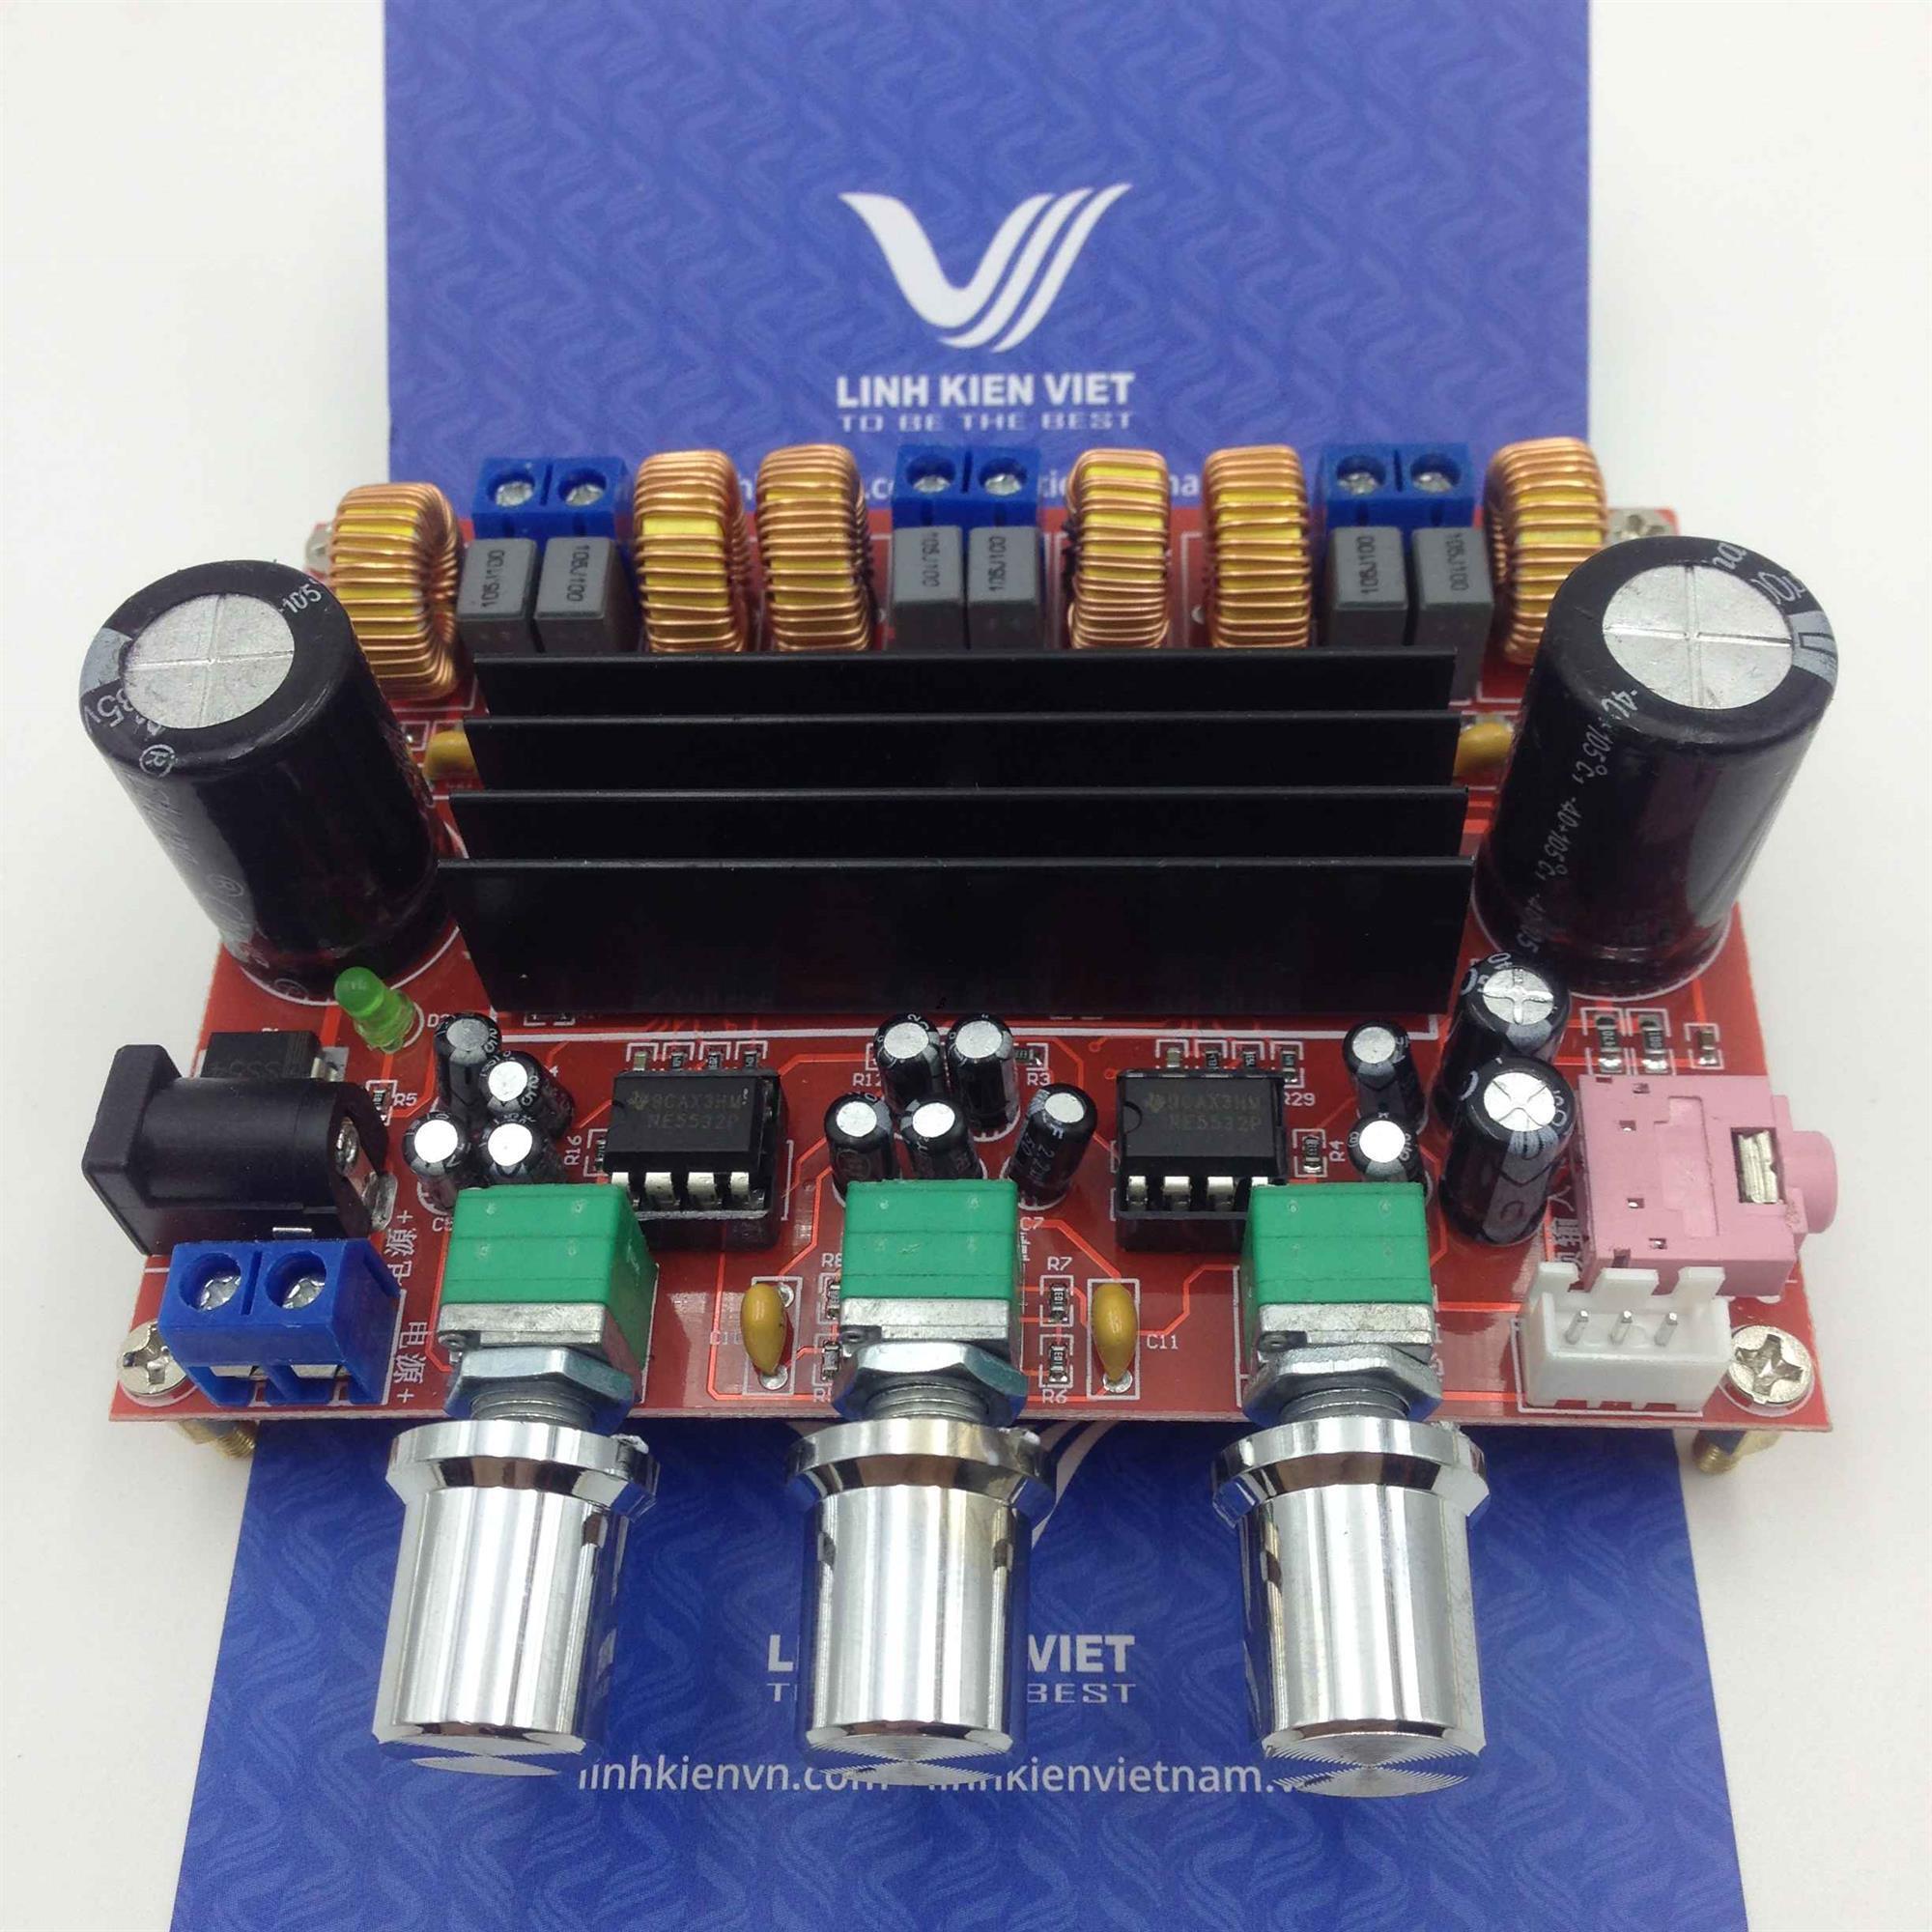 Bộ khuếch đại âm ly TPA3116D2 2.1 / Mạch khuếch đại amply siêu trầm - Kho